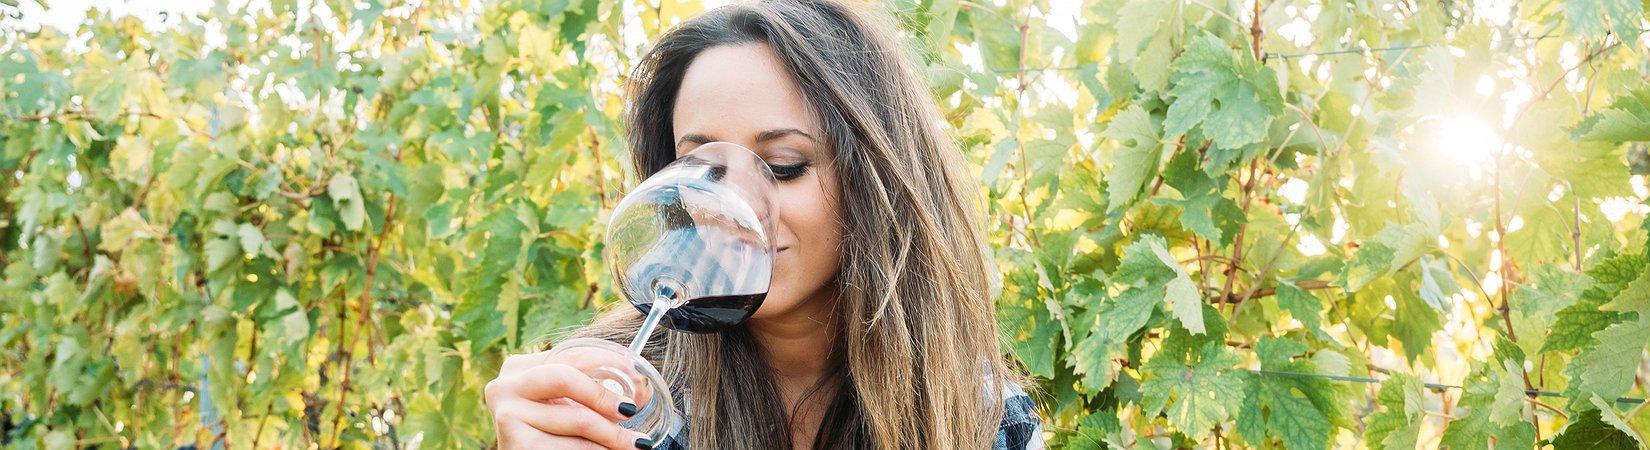 Cómo comprar vino barato y no fracasar en el intento